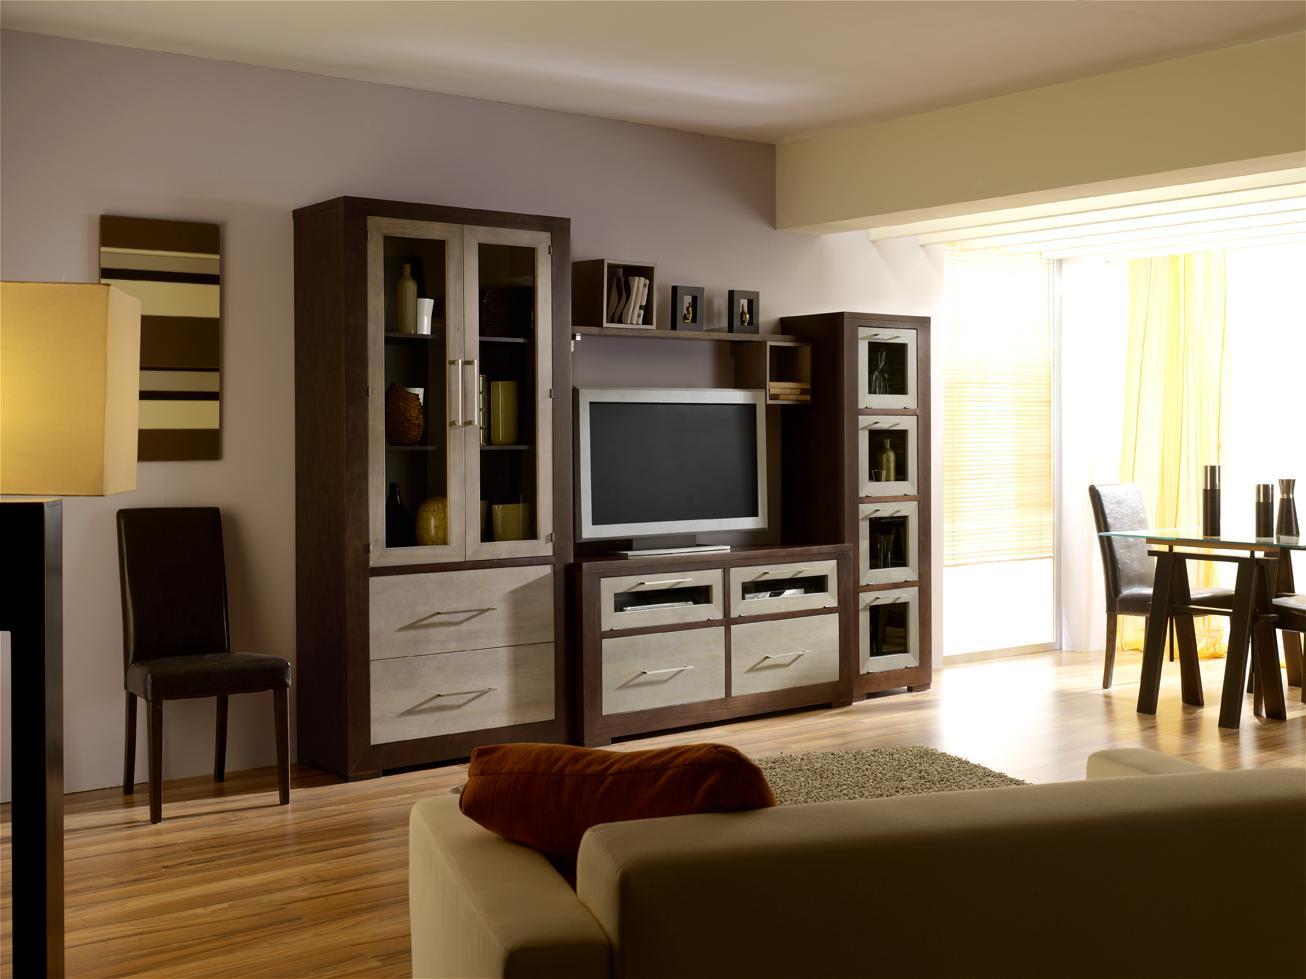 Muebles De Salon Modulares Modernos Idea Creativa Della Casa E  # Muebles Vazquez Santa Olalla